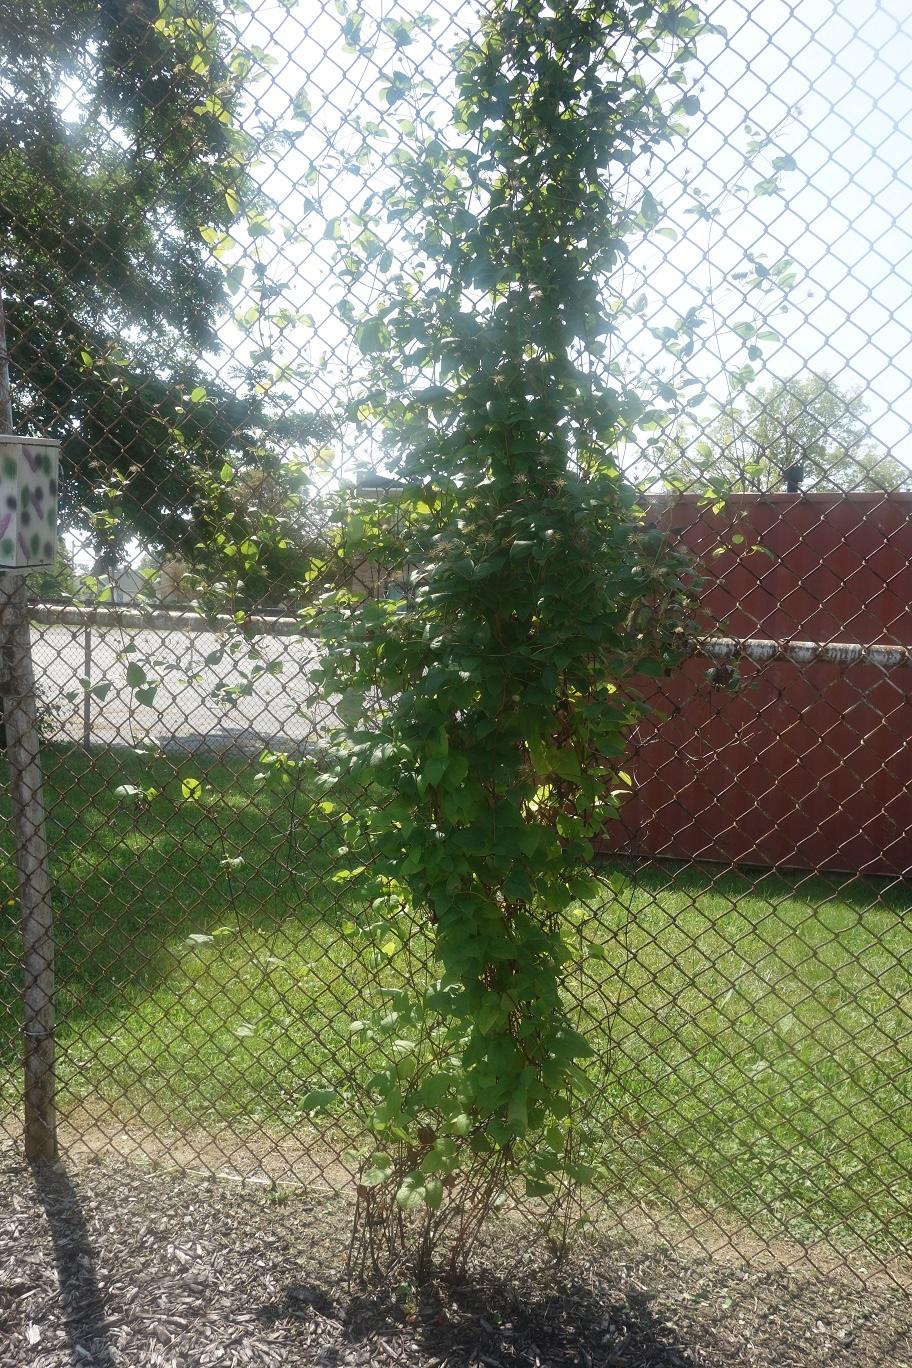 vines in the garden